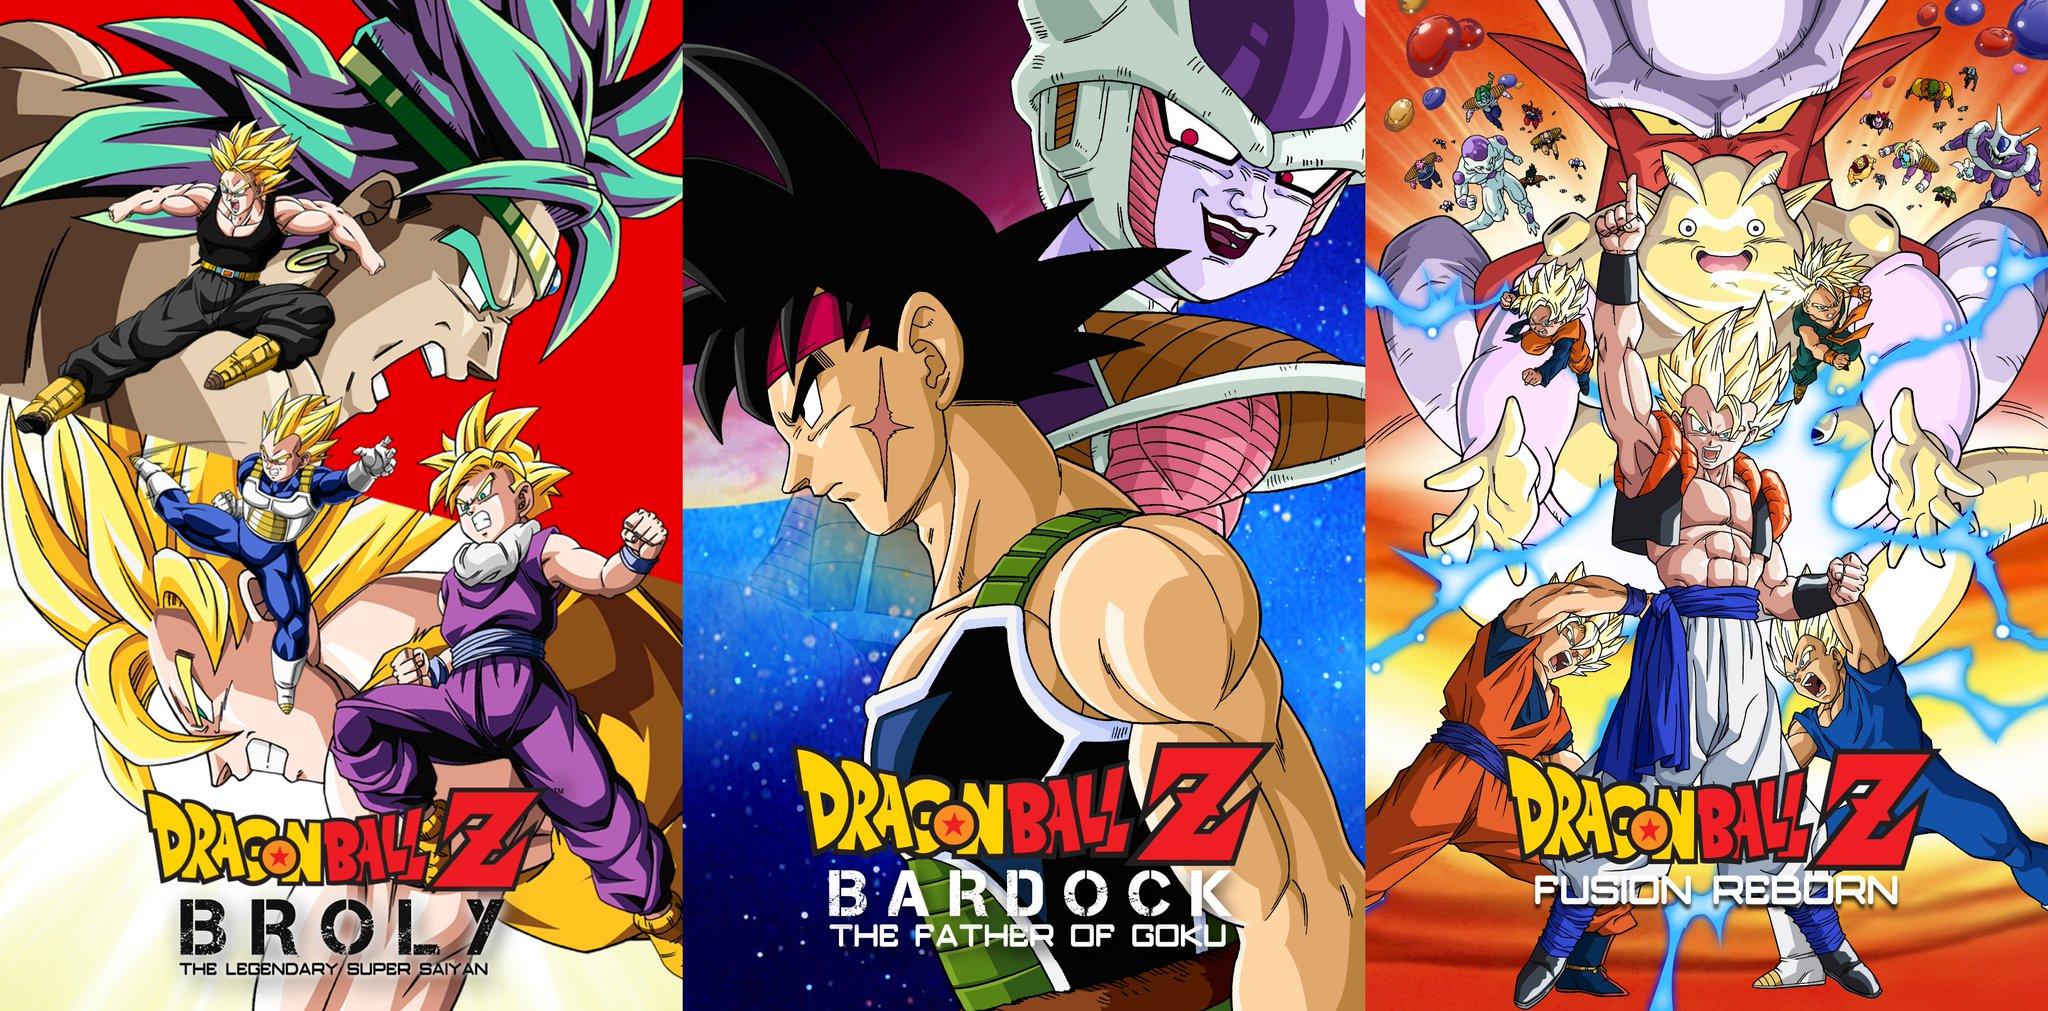 Dragon Ball Z filmes remasterizados